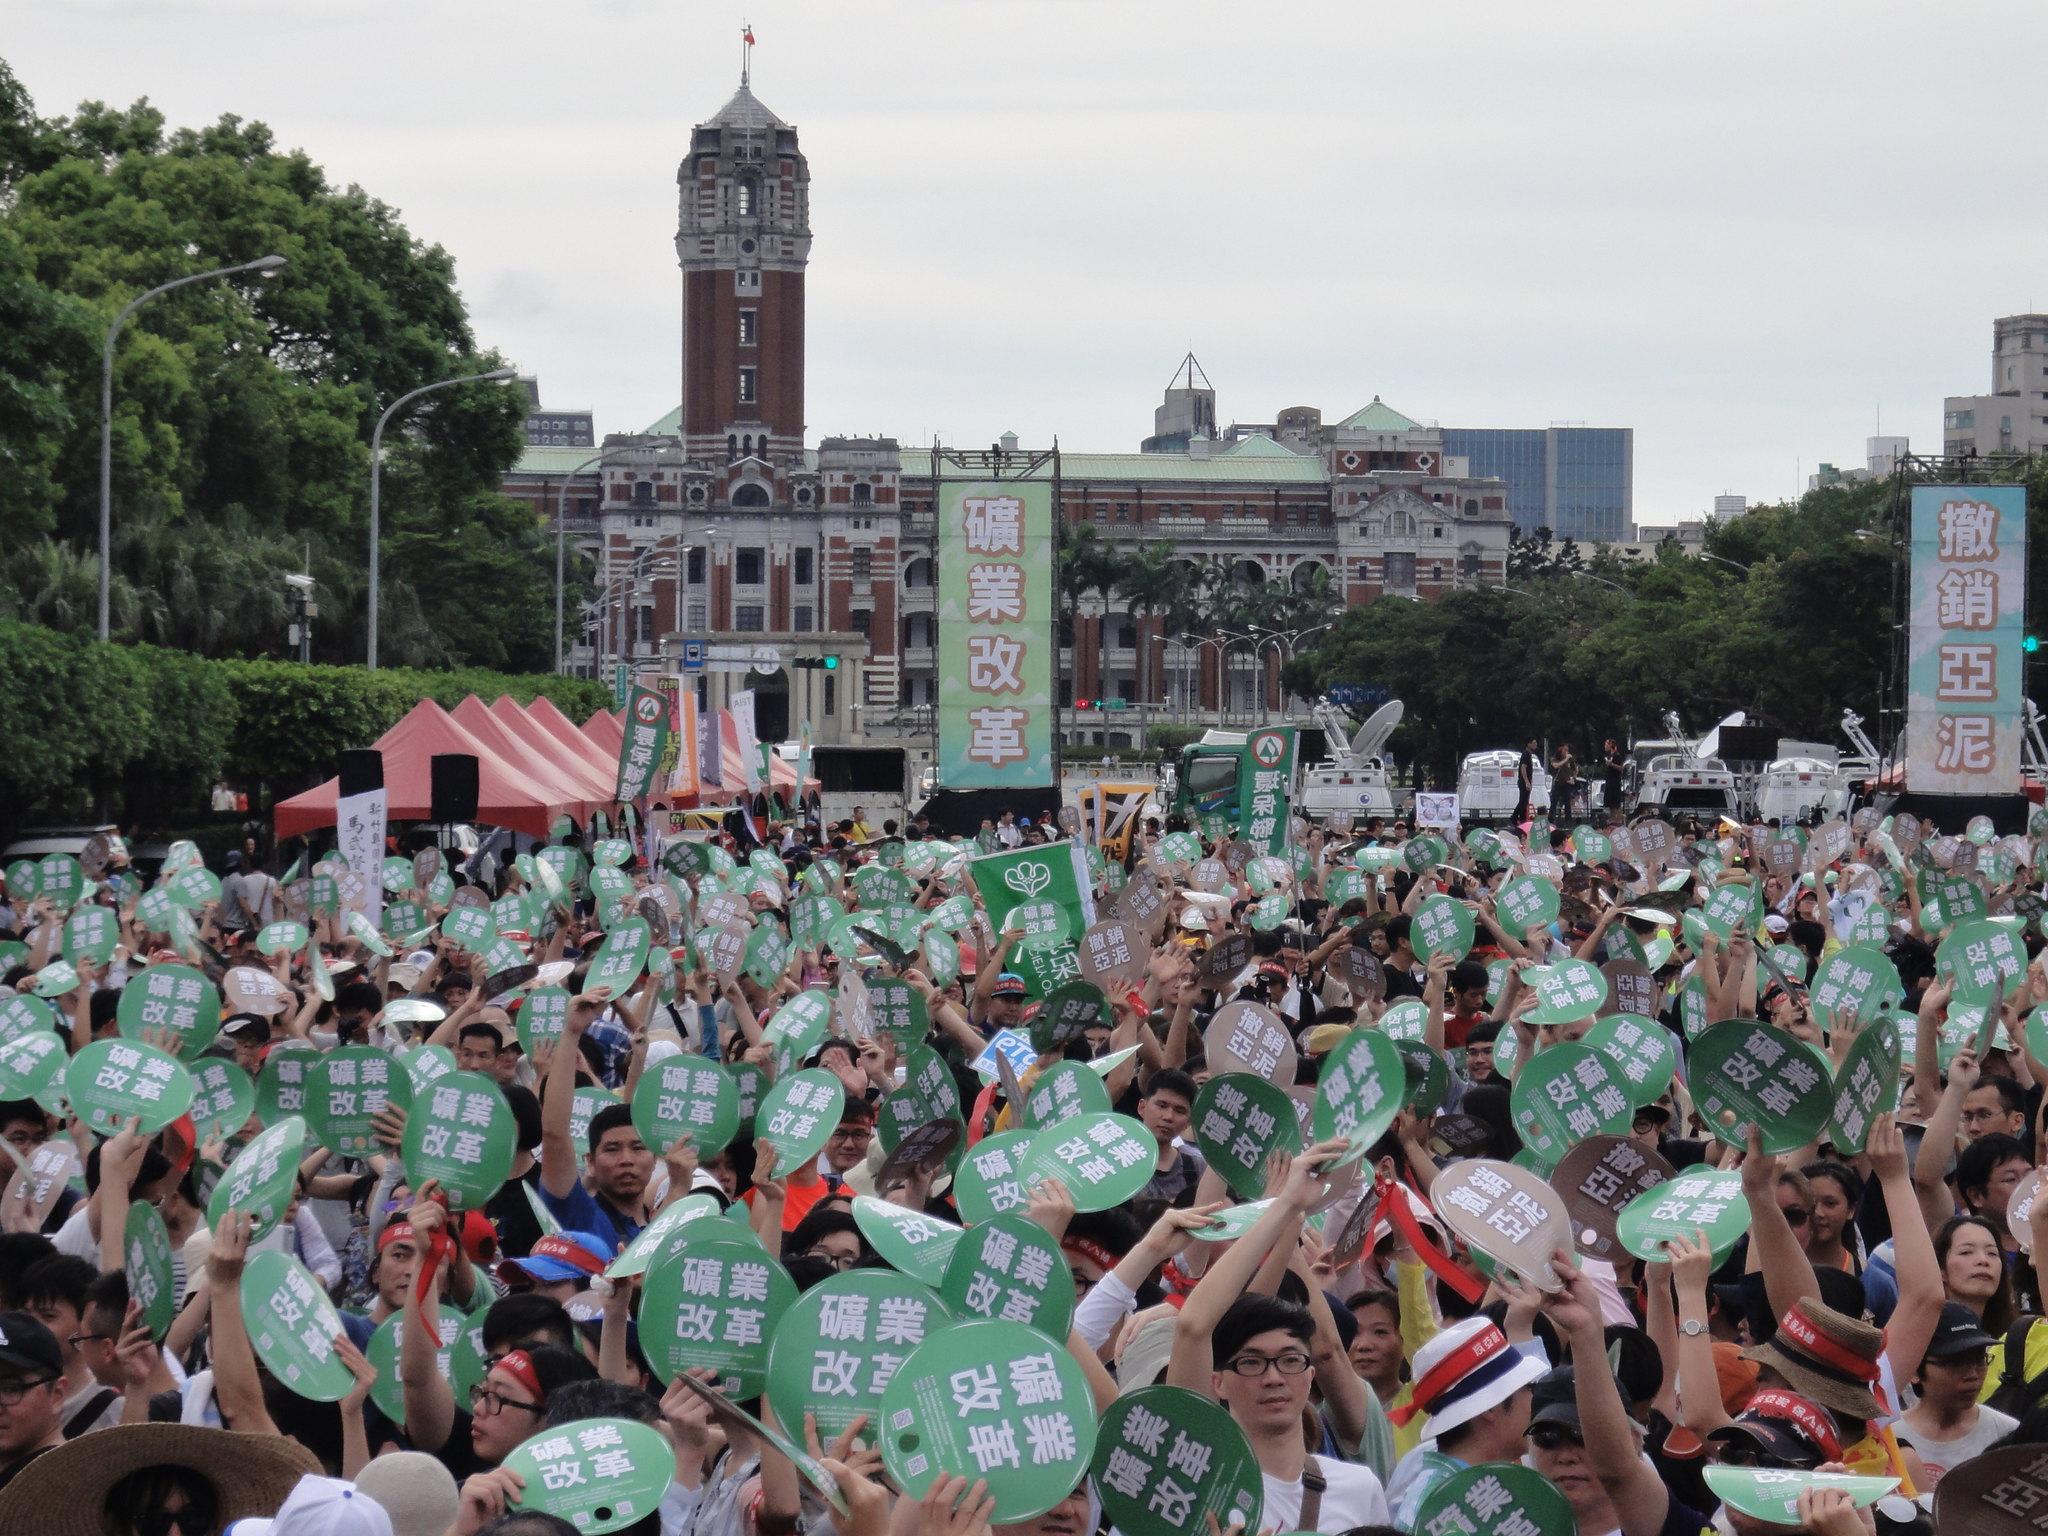 群眾在總統府前高喊「礦業改革、撤銷亞泥」。(攝影:張智琦)